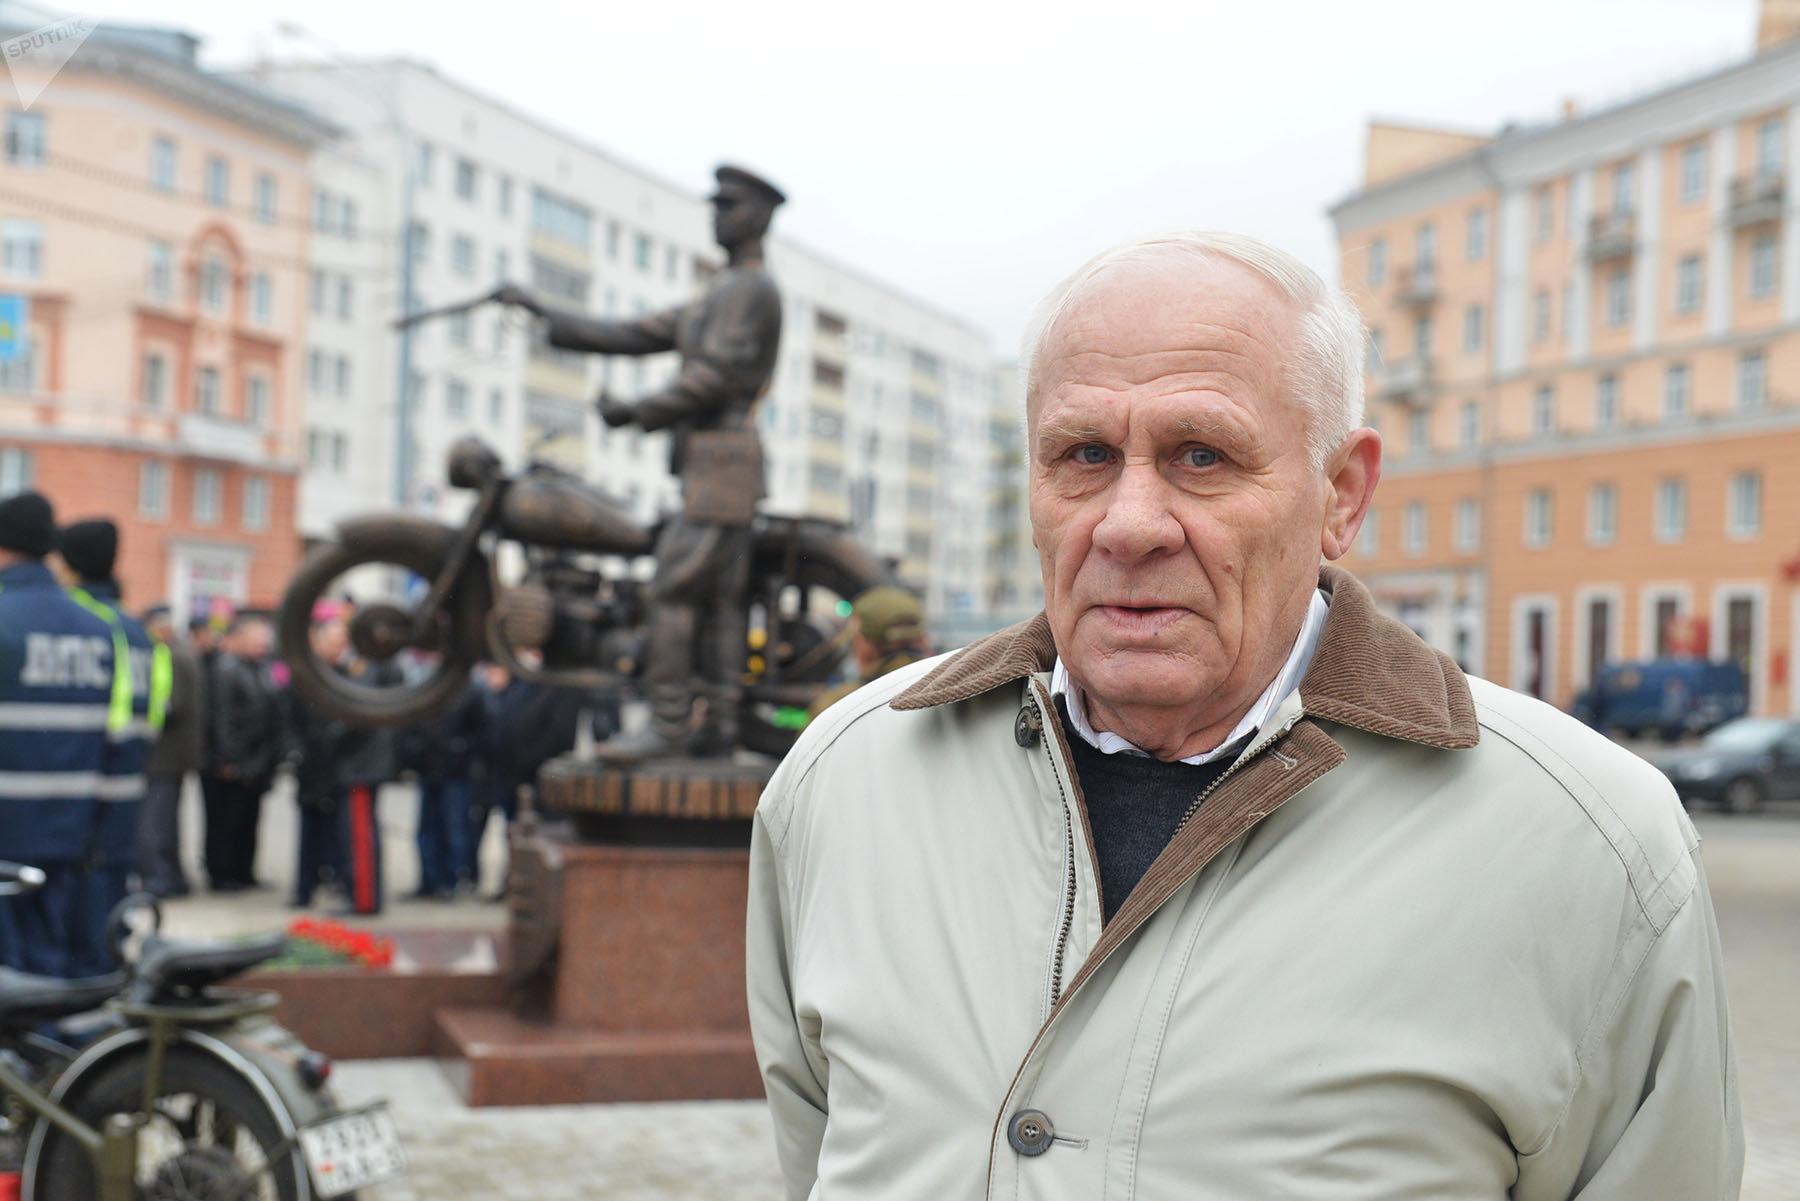 Скульптор Валерий Кондратенко у своей работы